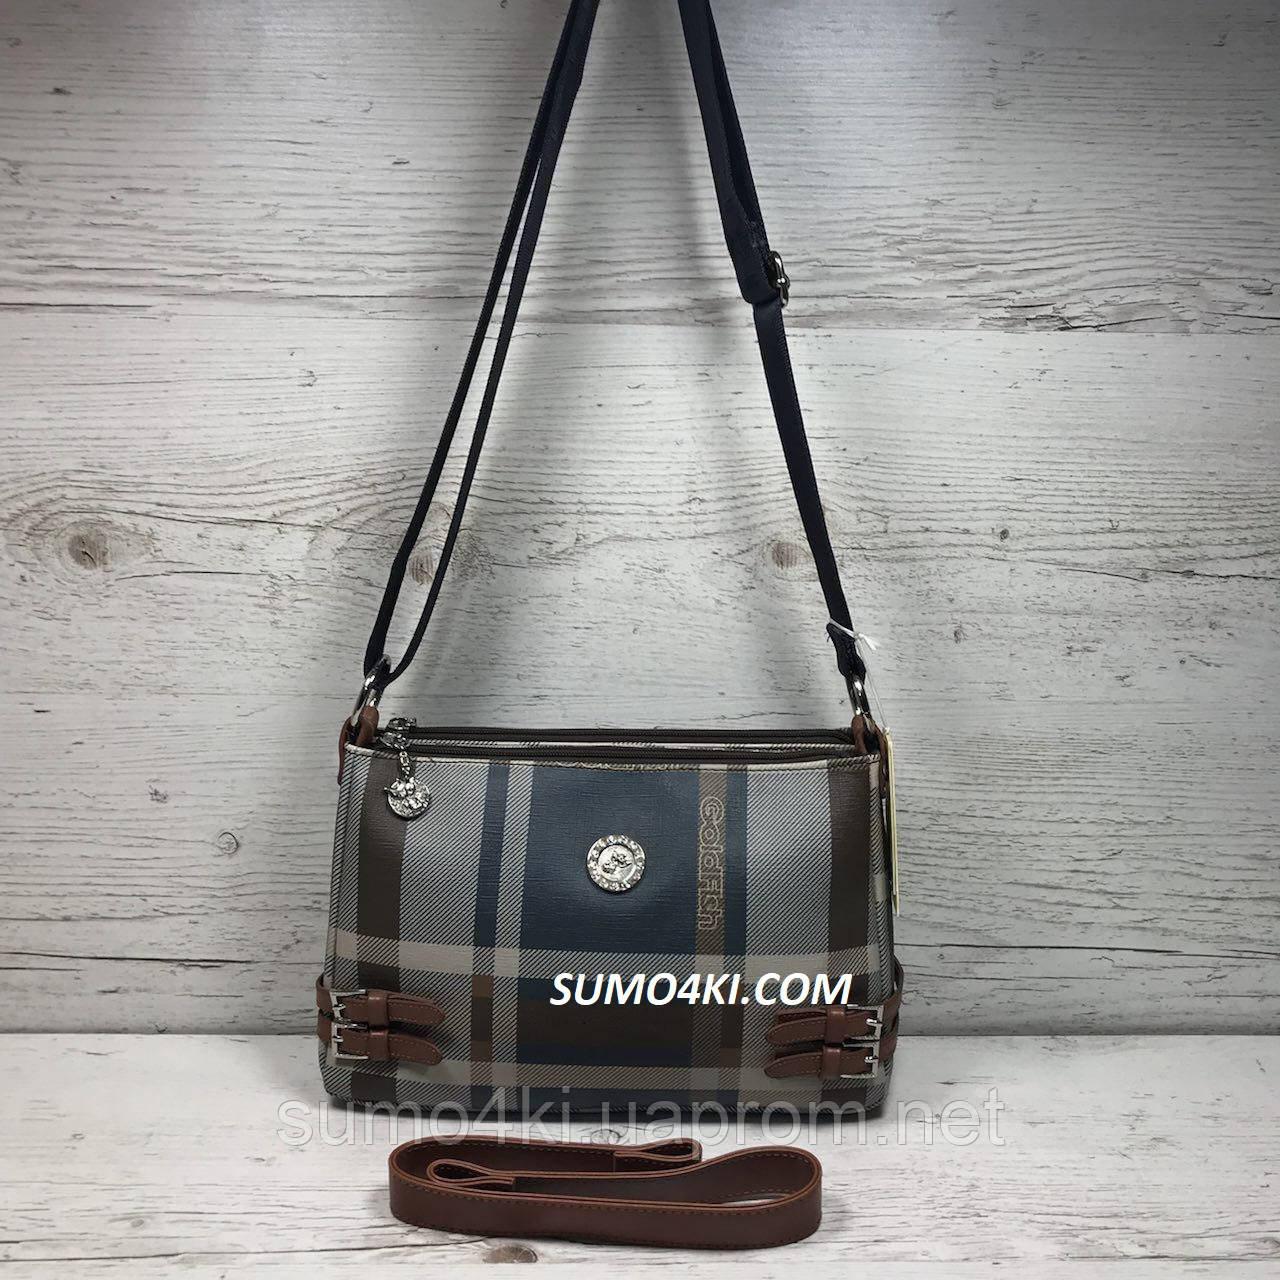 5dd18b712d5a Модная женская сумка Goldfish - Интернет-магазин «Галерея Сумок» в Одессе